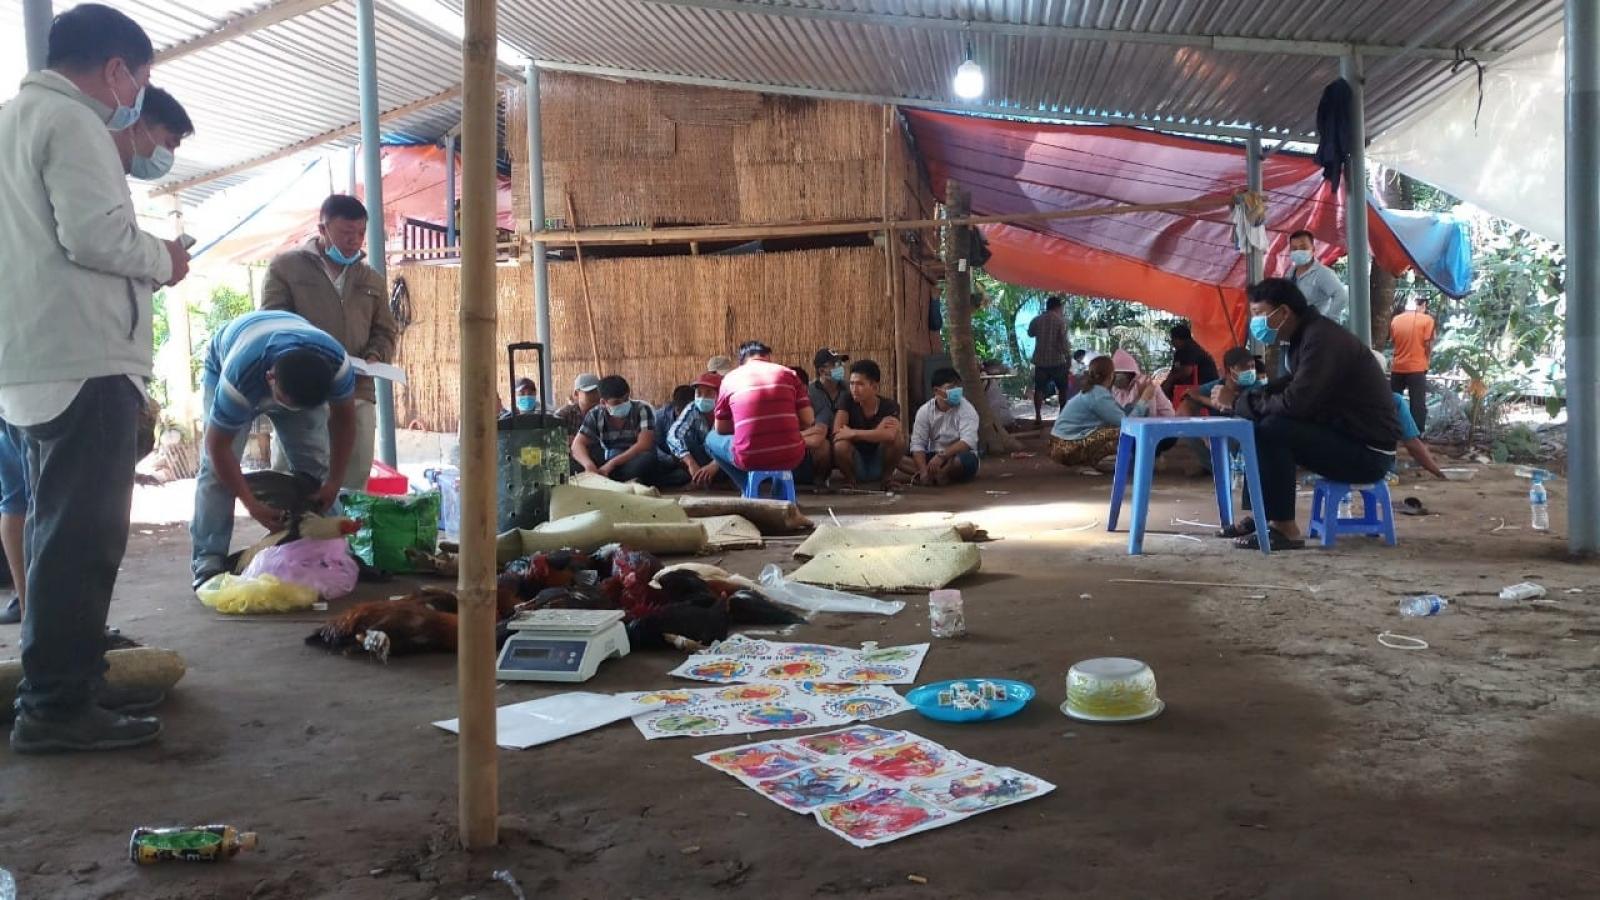 Tiền Giang: Cận Tết bắt giữ nhiềuđối tượng đánh bạc